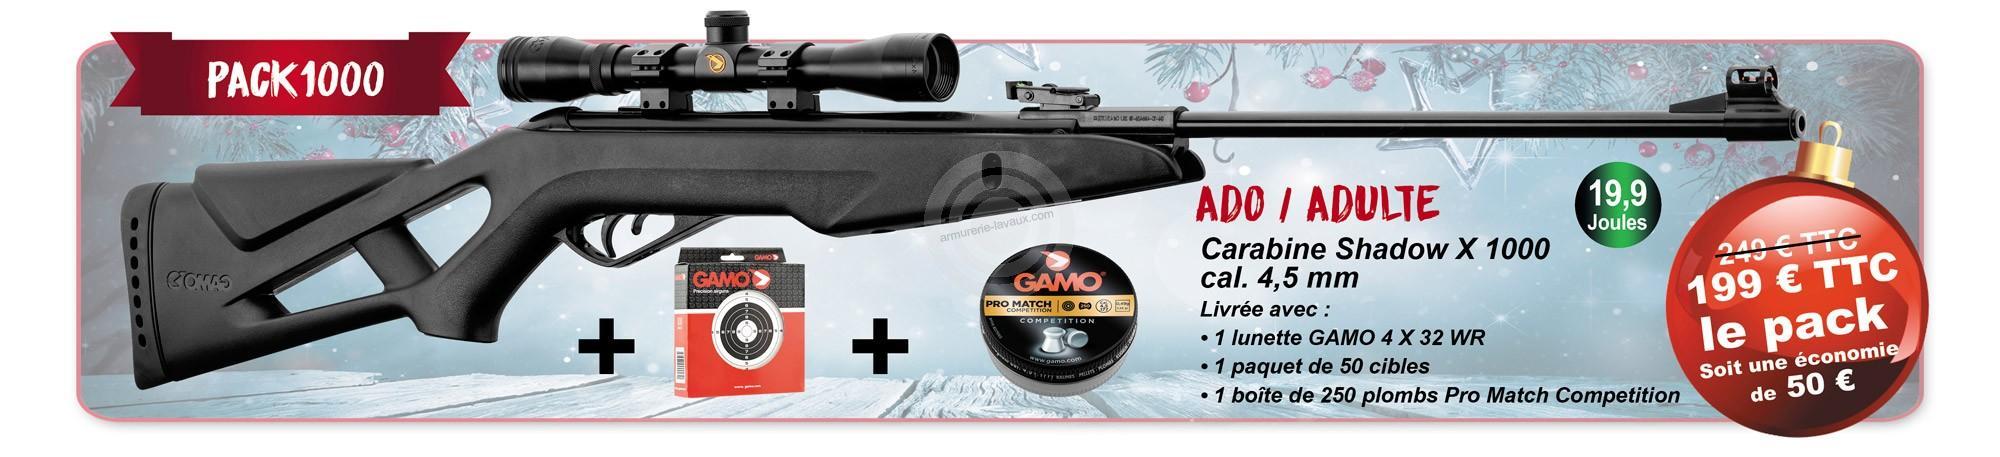 Carabine GAMO SHADOW X 1000 Adulte cal.4,5mm